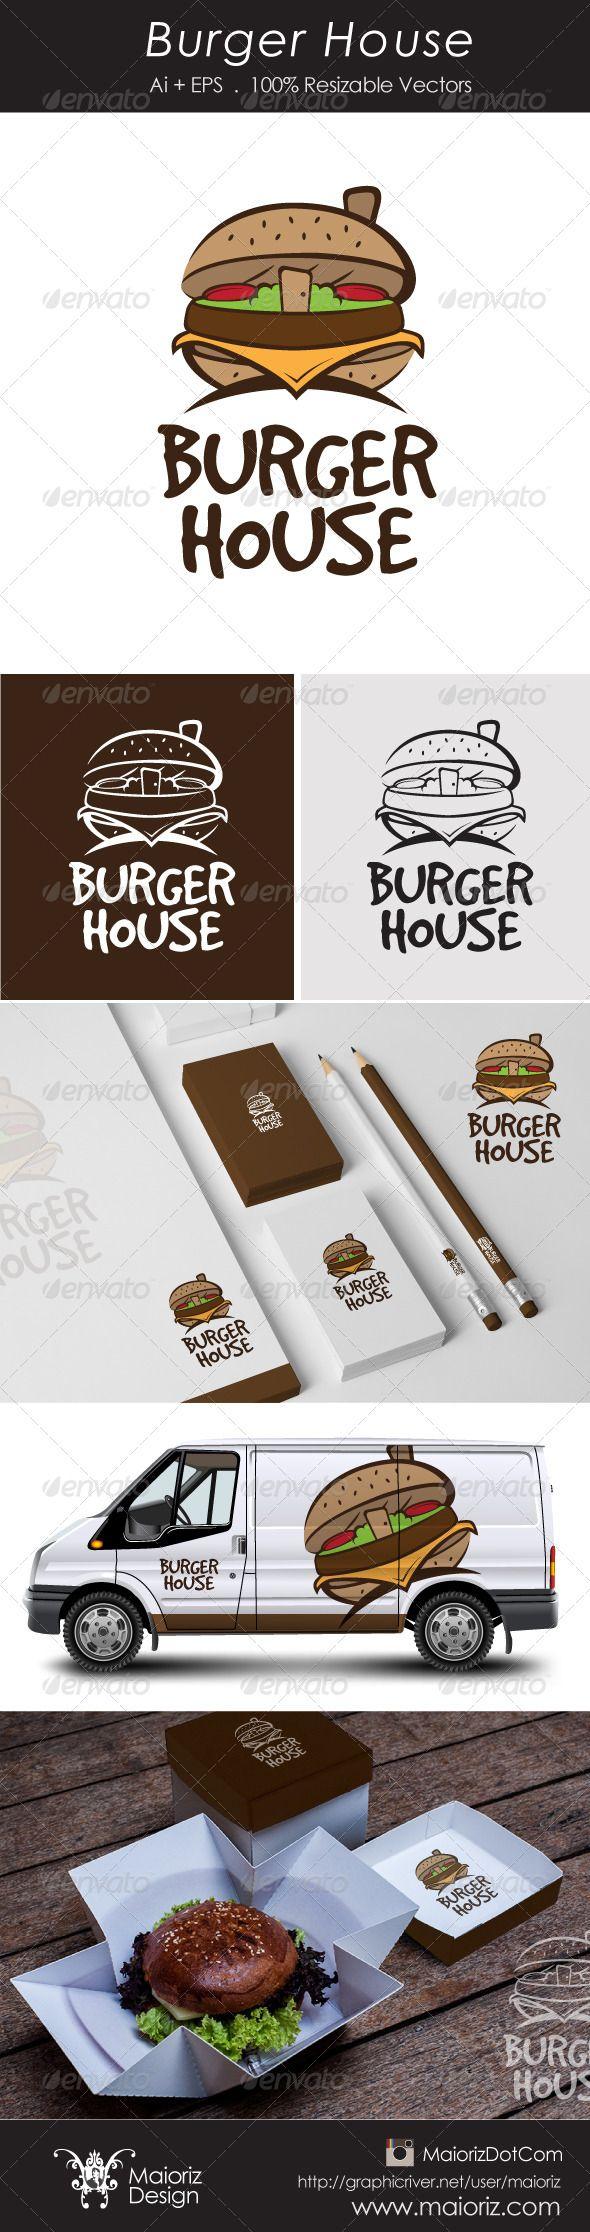 Burger House Logotype Logos de comida rapida, Logos de